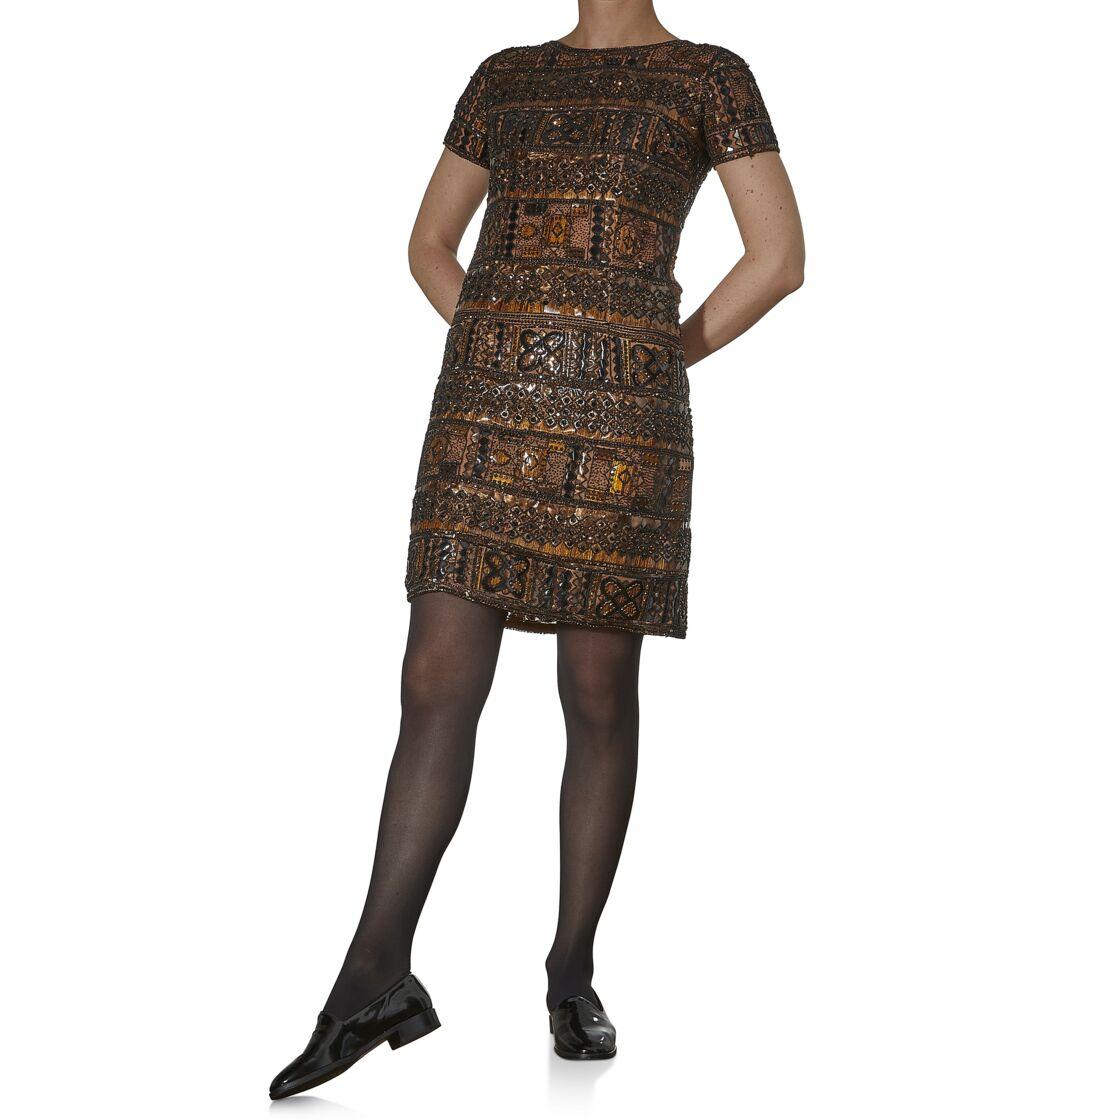 La robe courte brodée de perles et paillettes de Rhodoïd est la pièce majeure de la vente, une création de la collection africaine d'Yves Saint Laurent en 1967. Estimation : 4000-6000 €